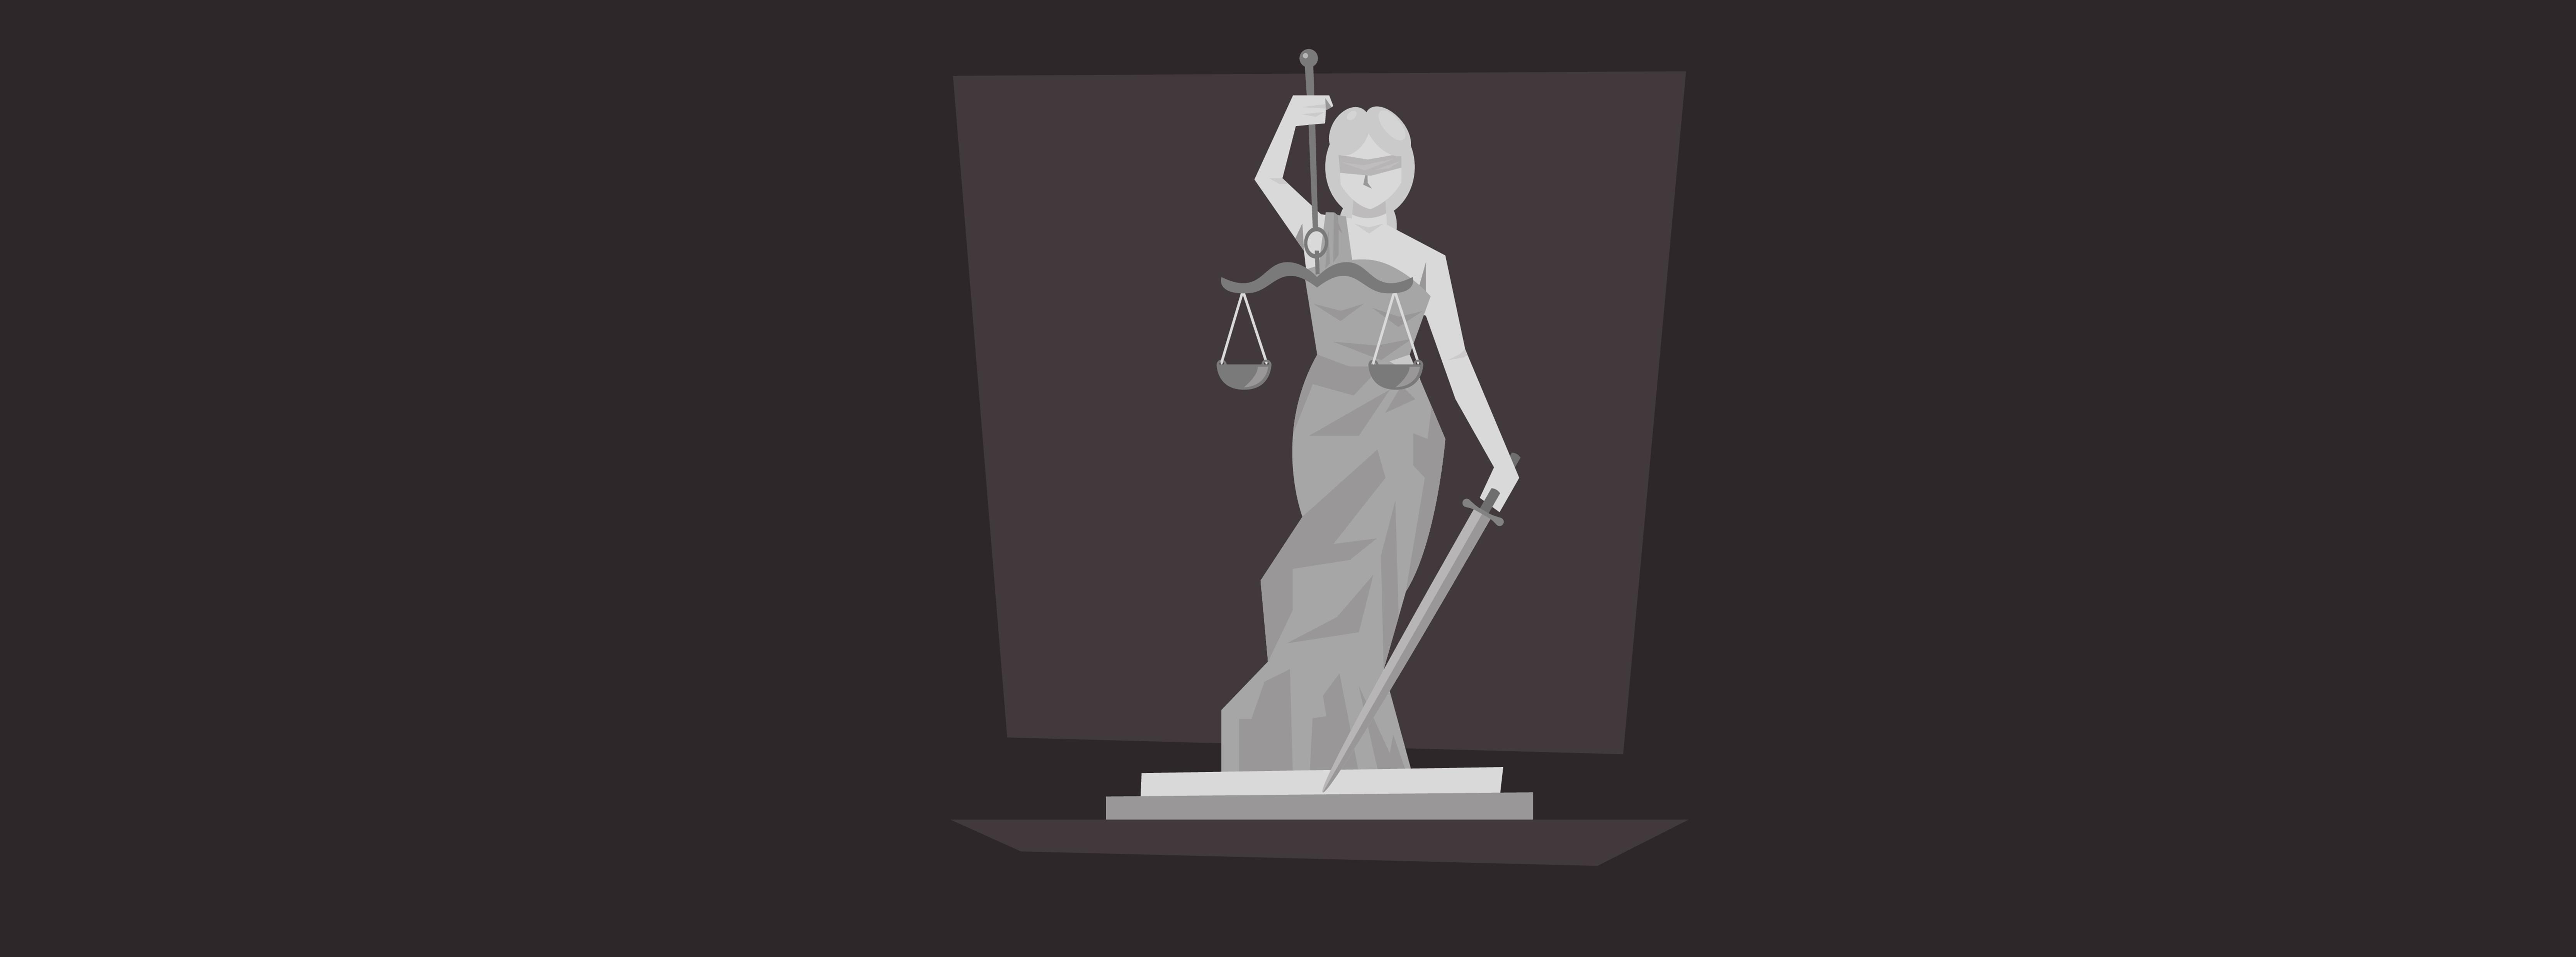 zulum ile ihsan arasindaki cizgi adalet hukukcu kafasi